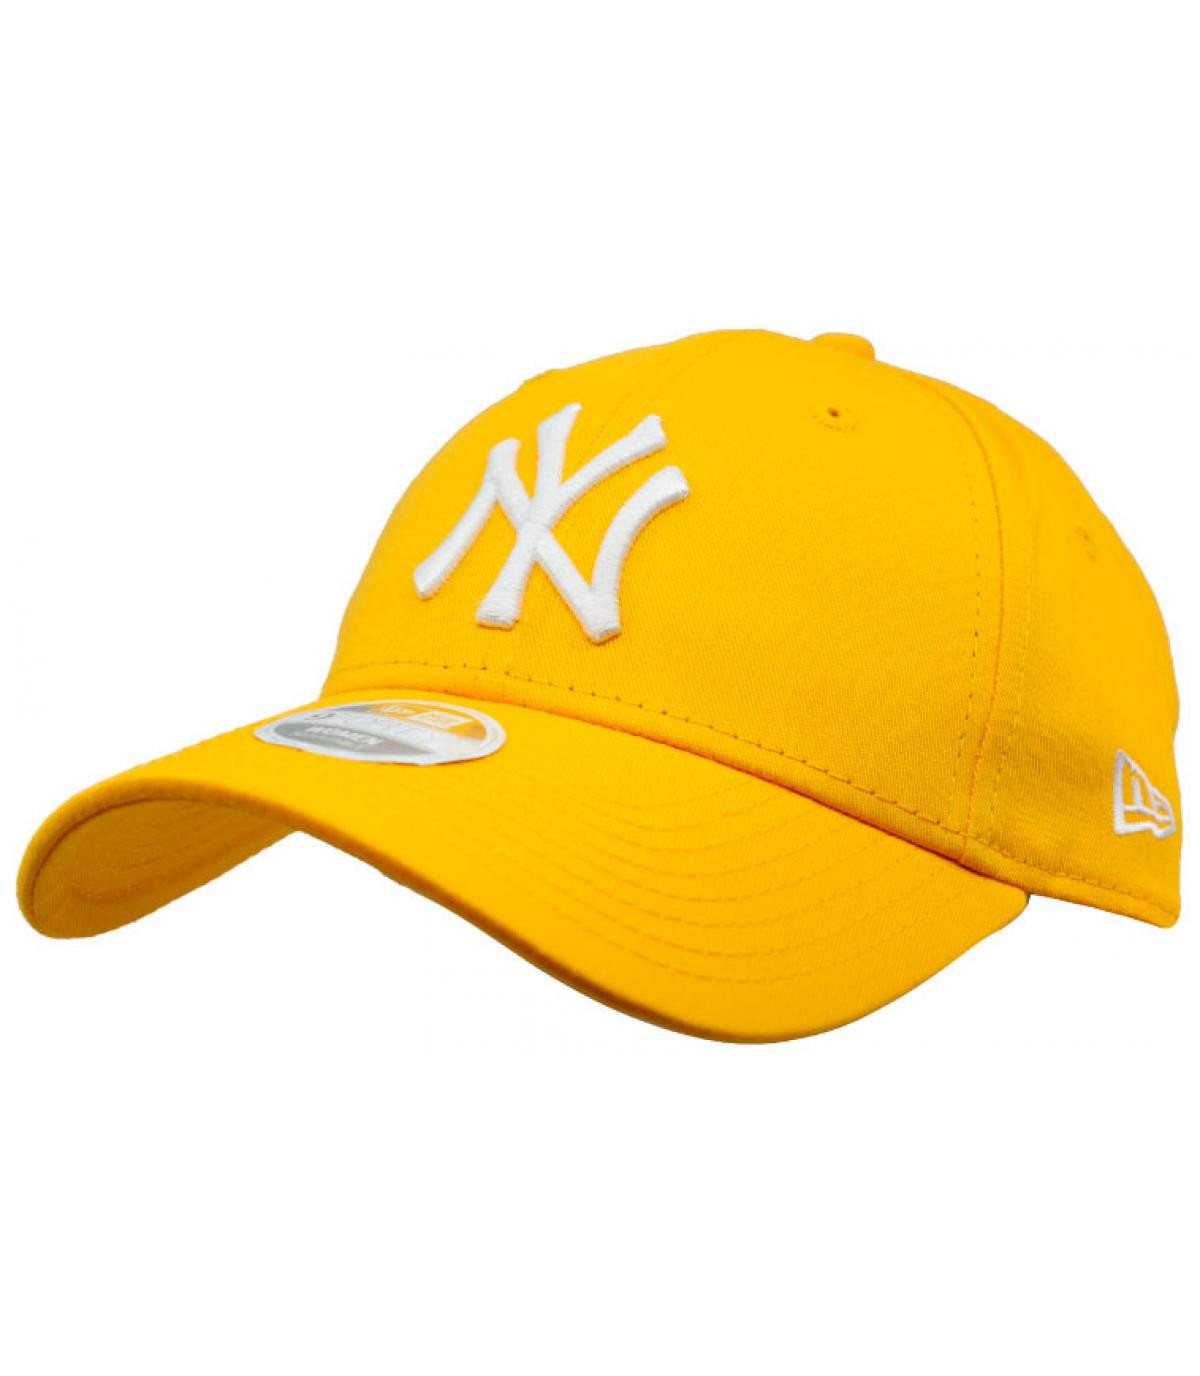 Détails Wmns League Ess NY 9Forty gold - image 2